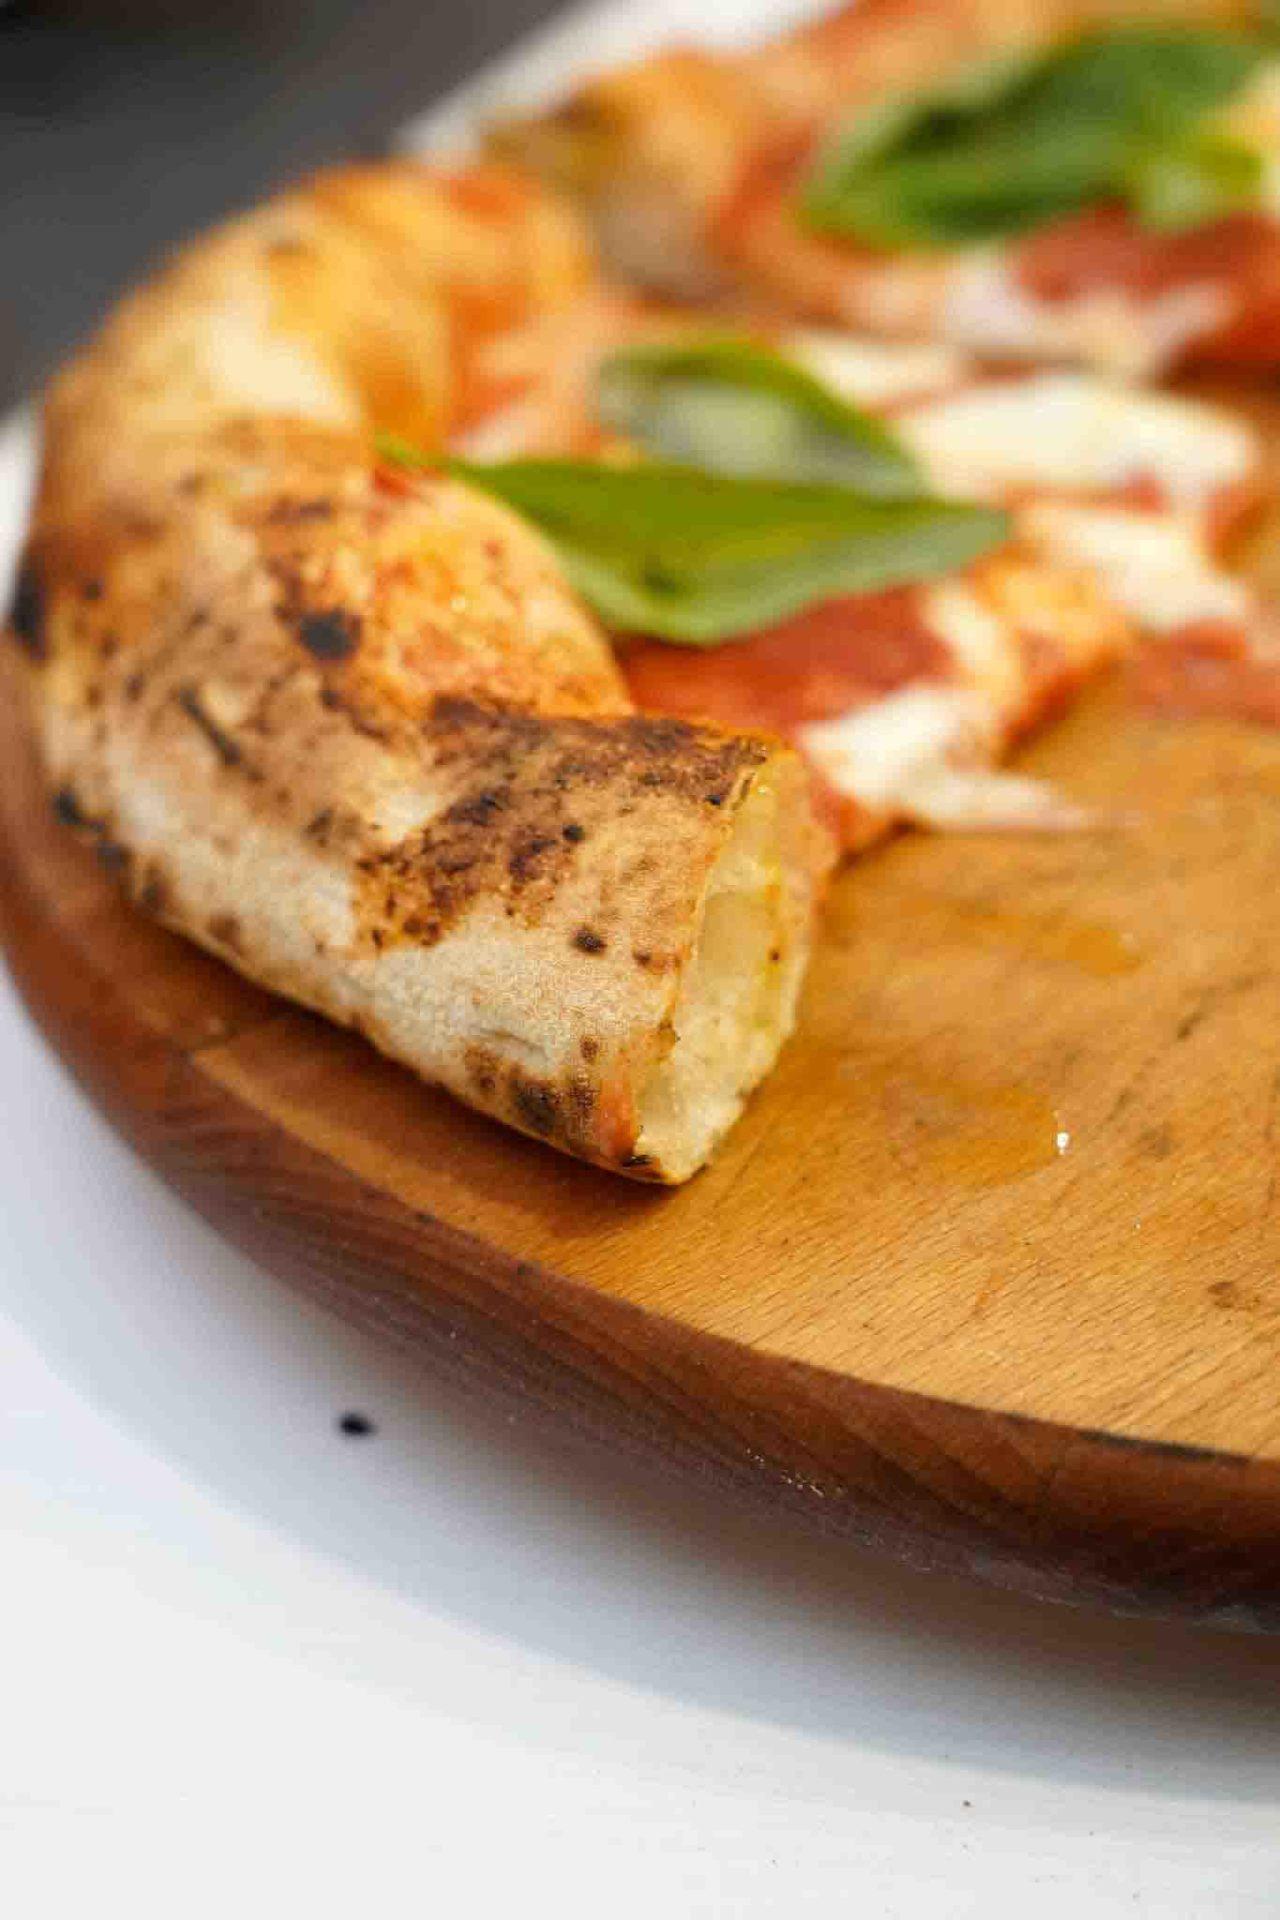 cornicione pizza margherita pizzeria I Fontana Somma Vesuviana